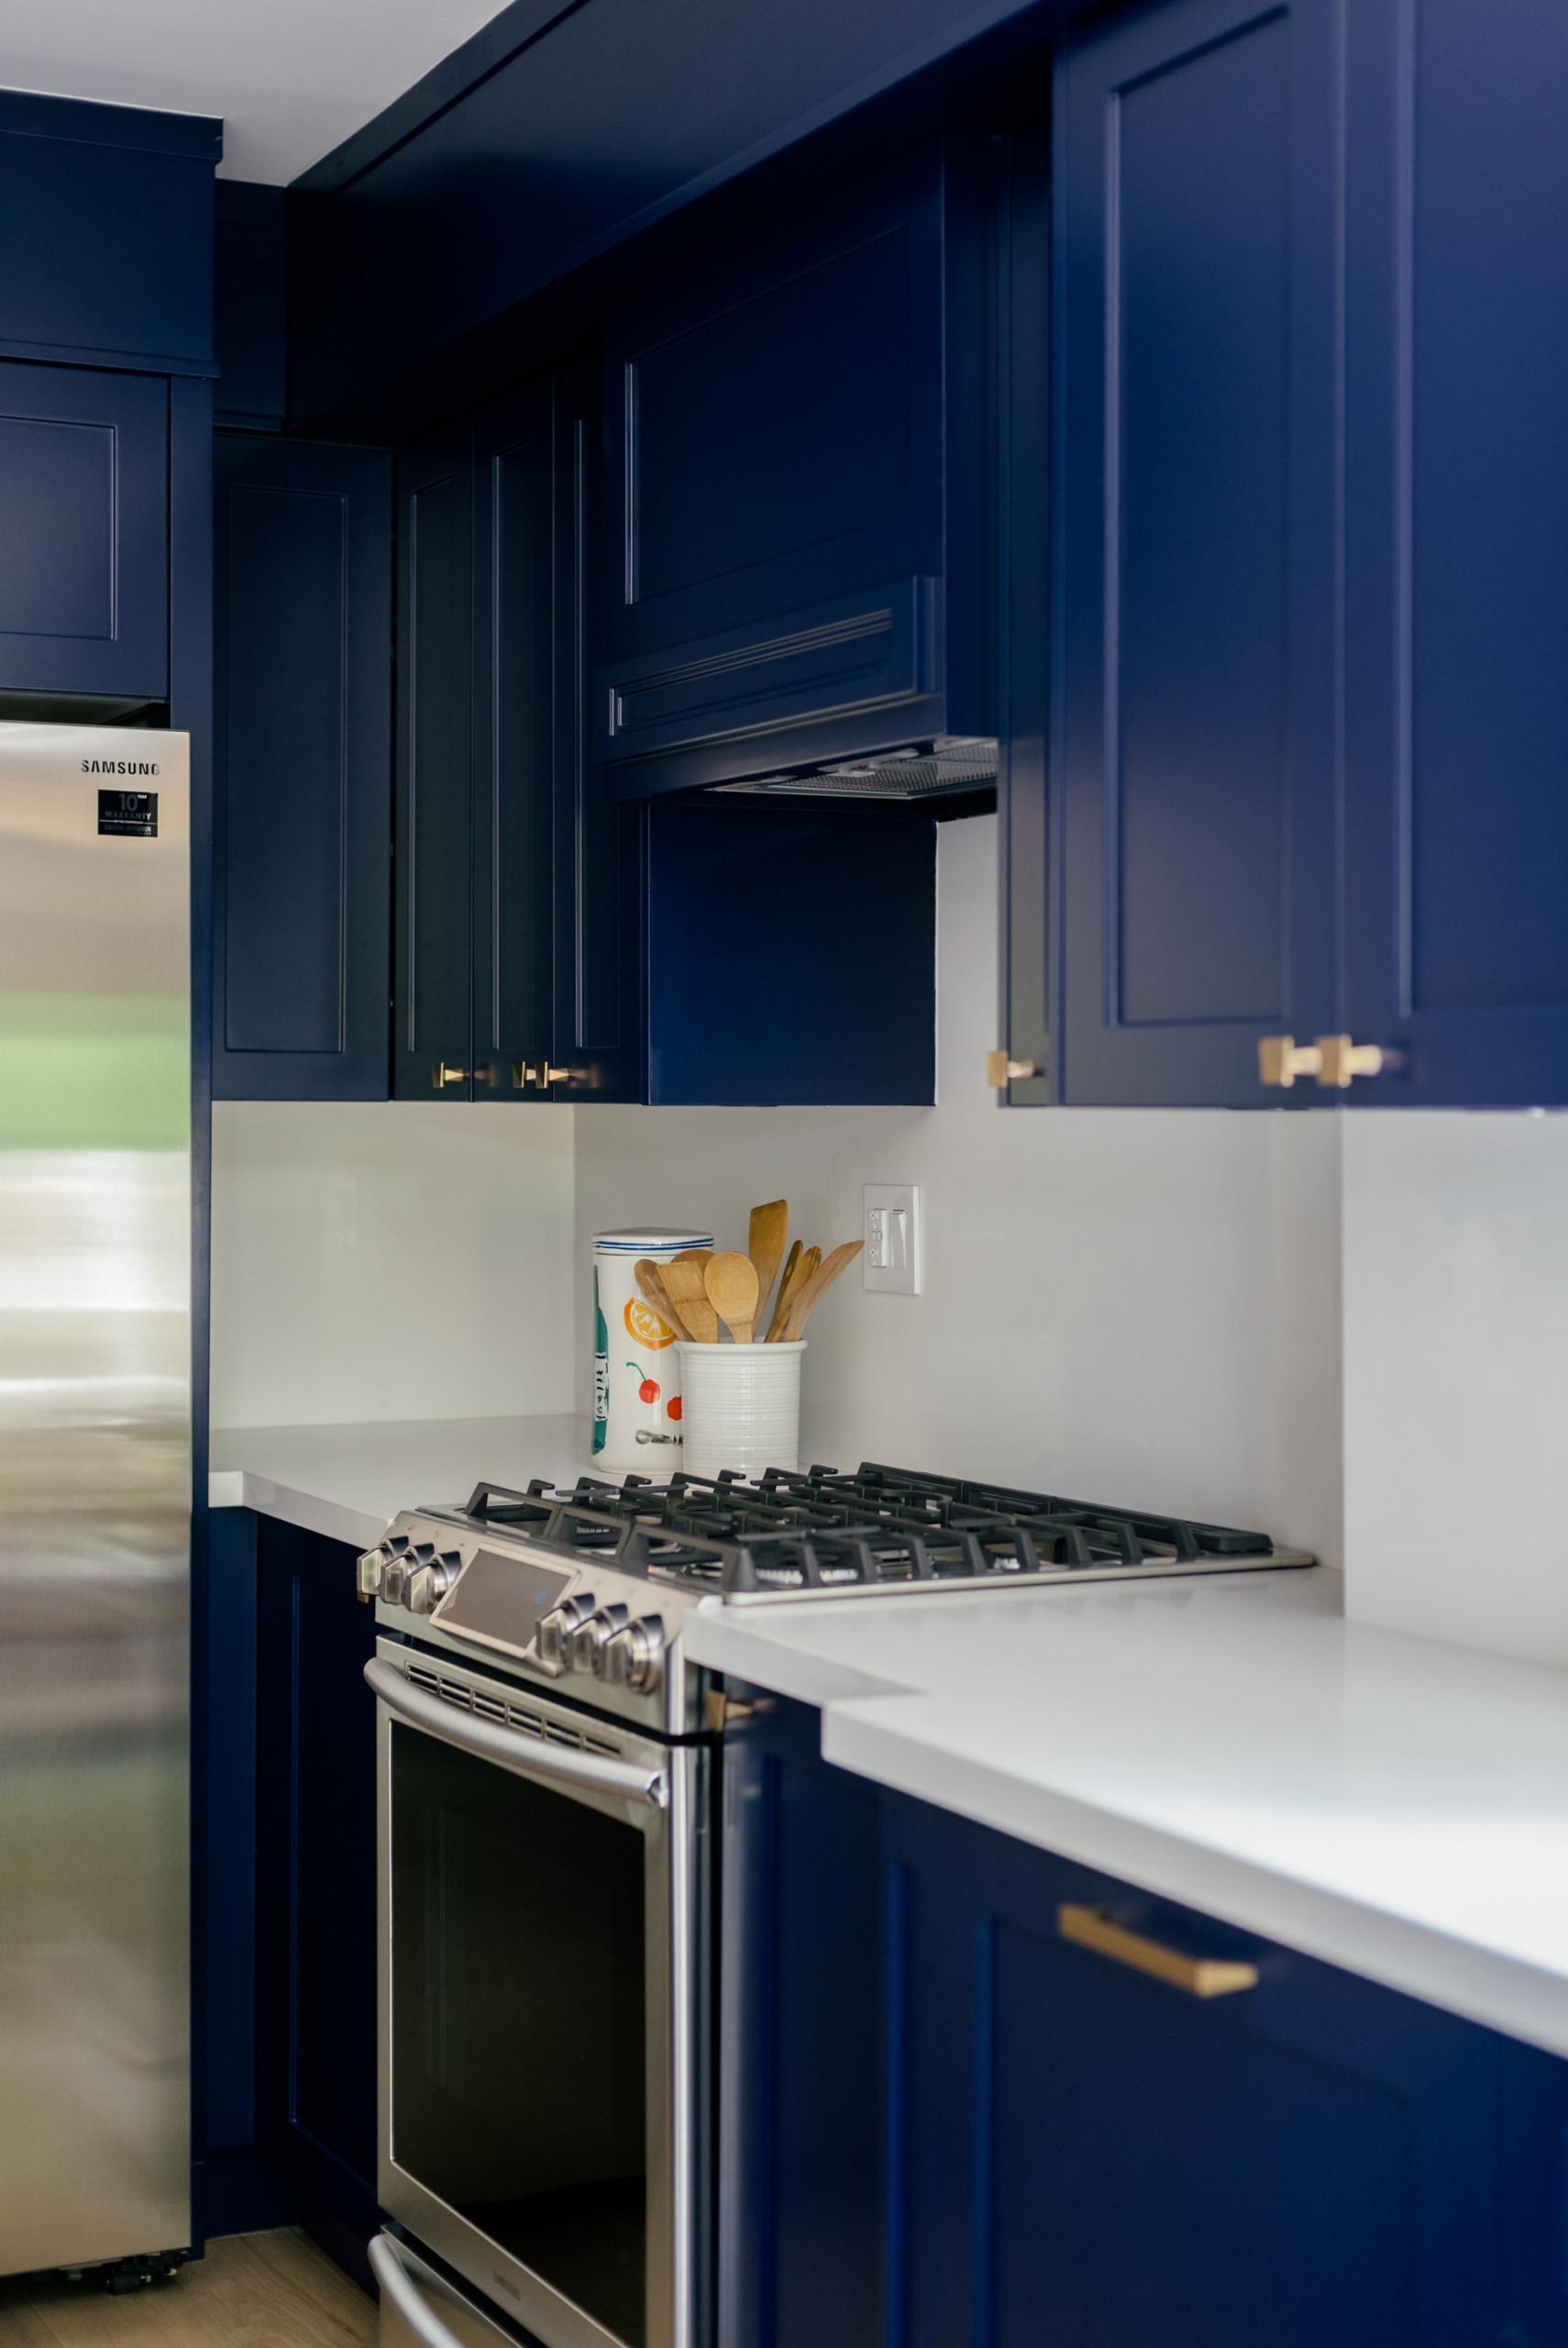 Stylish Navy and Gold Kitchen